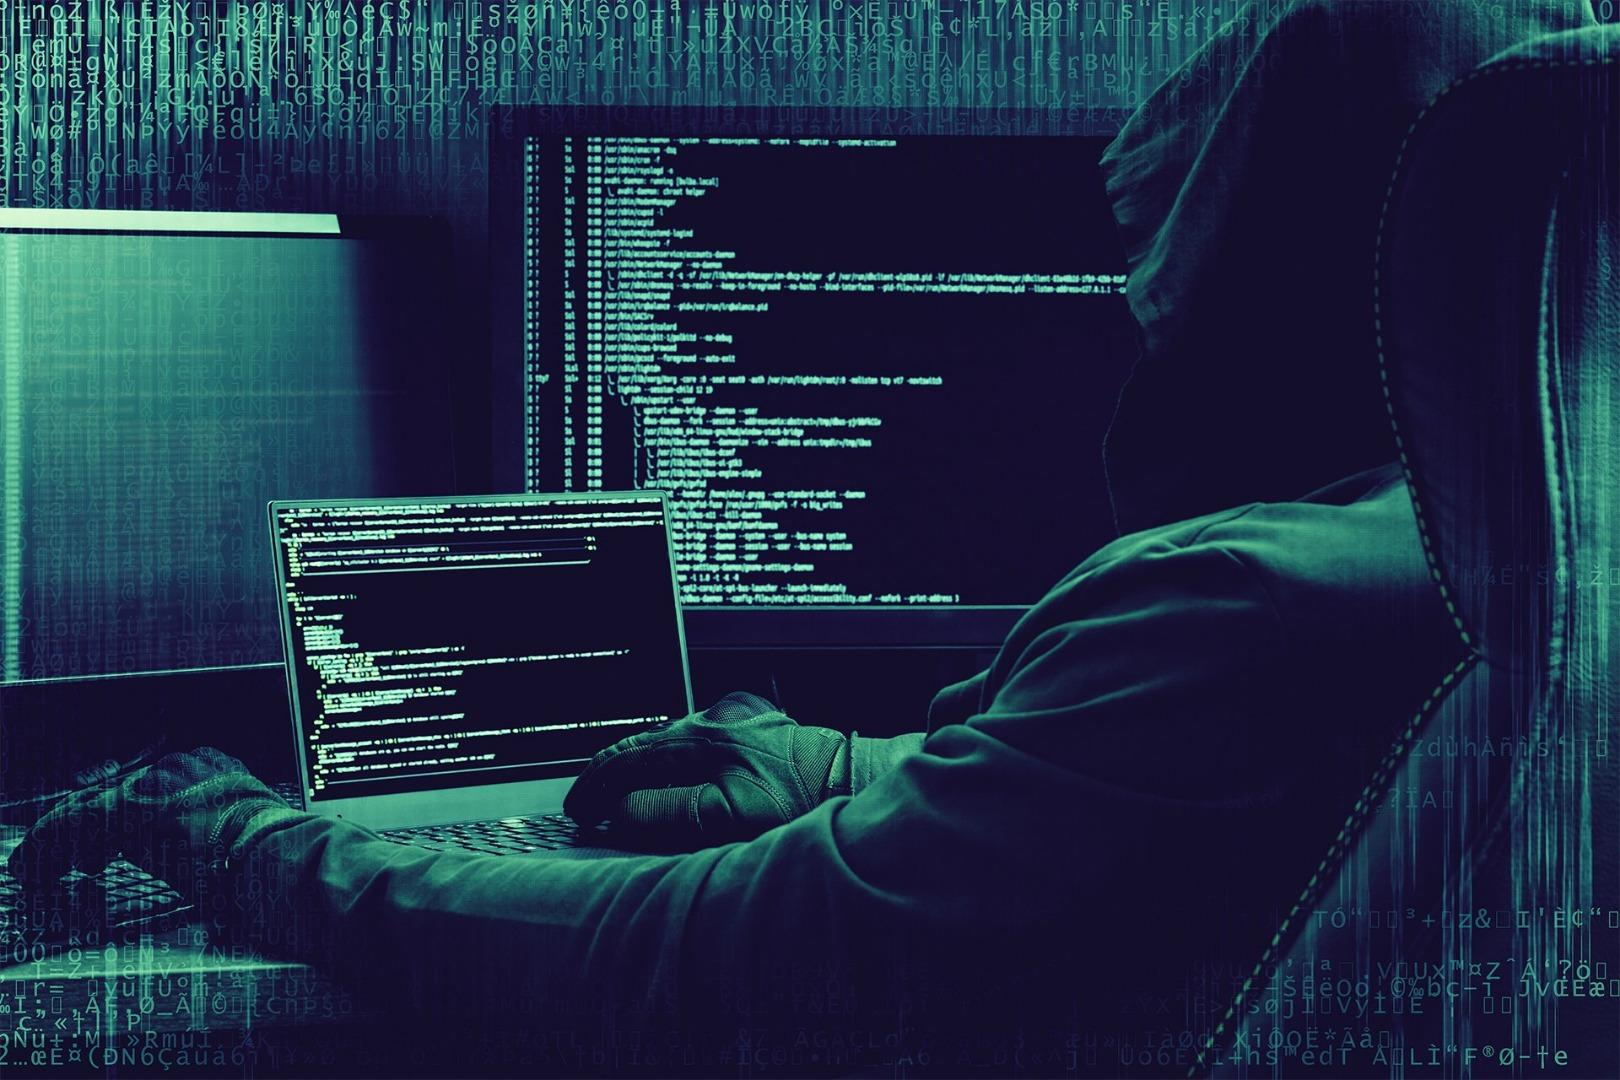 ABD ekonomisi siber korsanların tehdidi altında